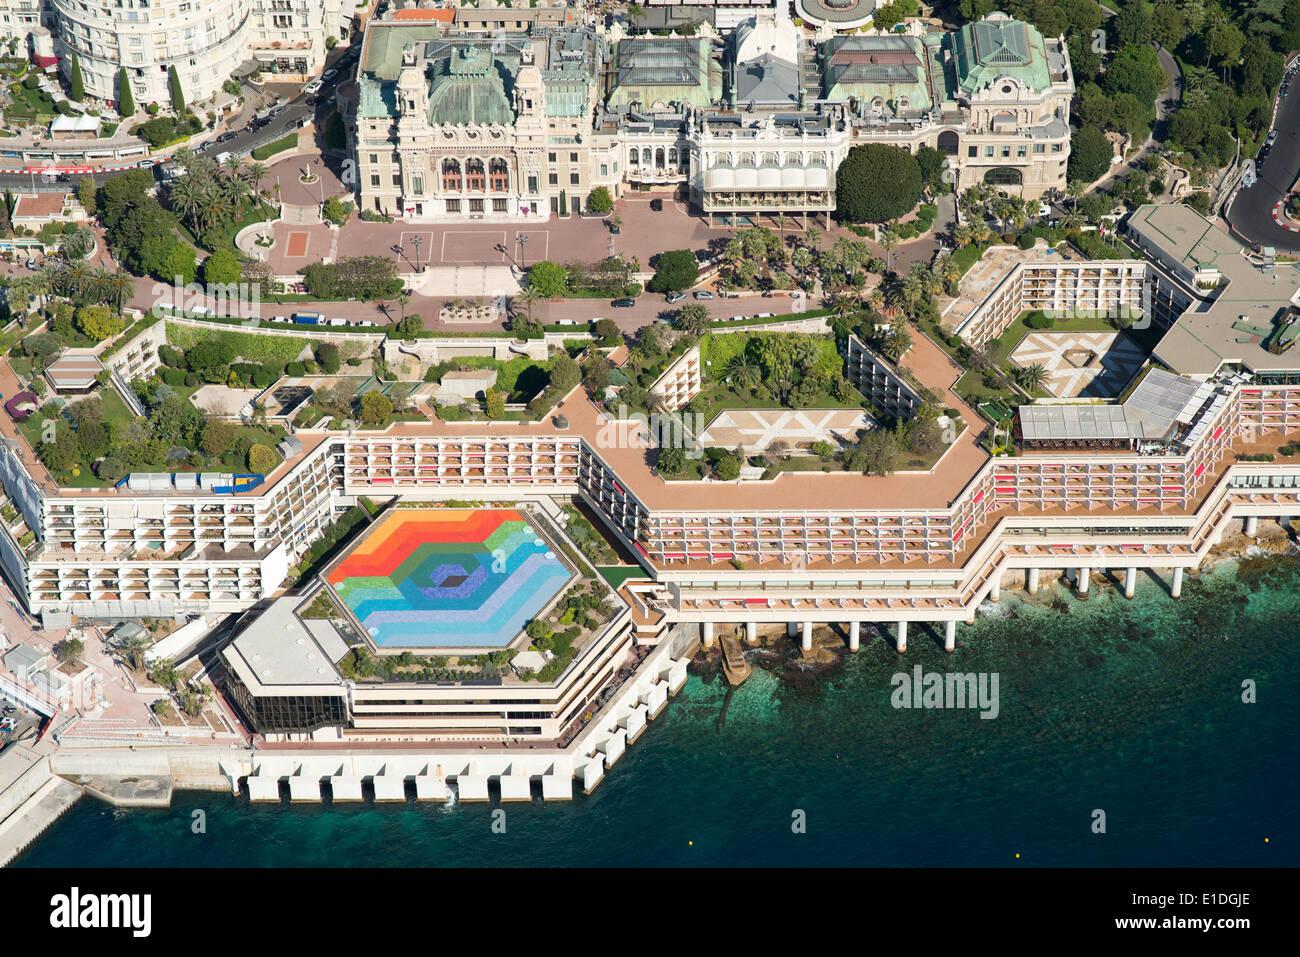 Monaco casino hotel